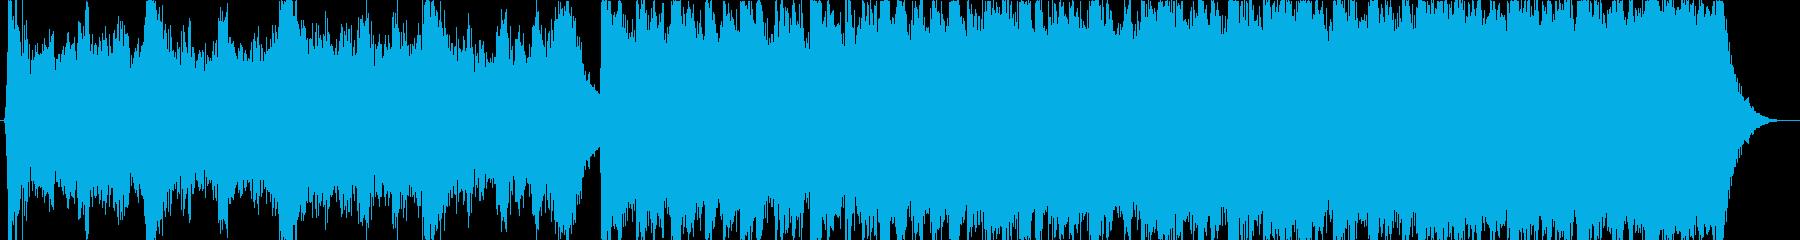 強力な英雄的なサウンドトラックの再生済みの波形